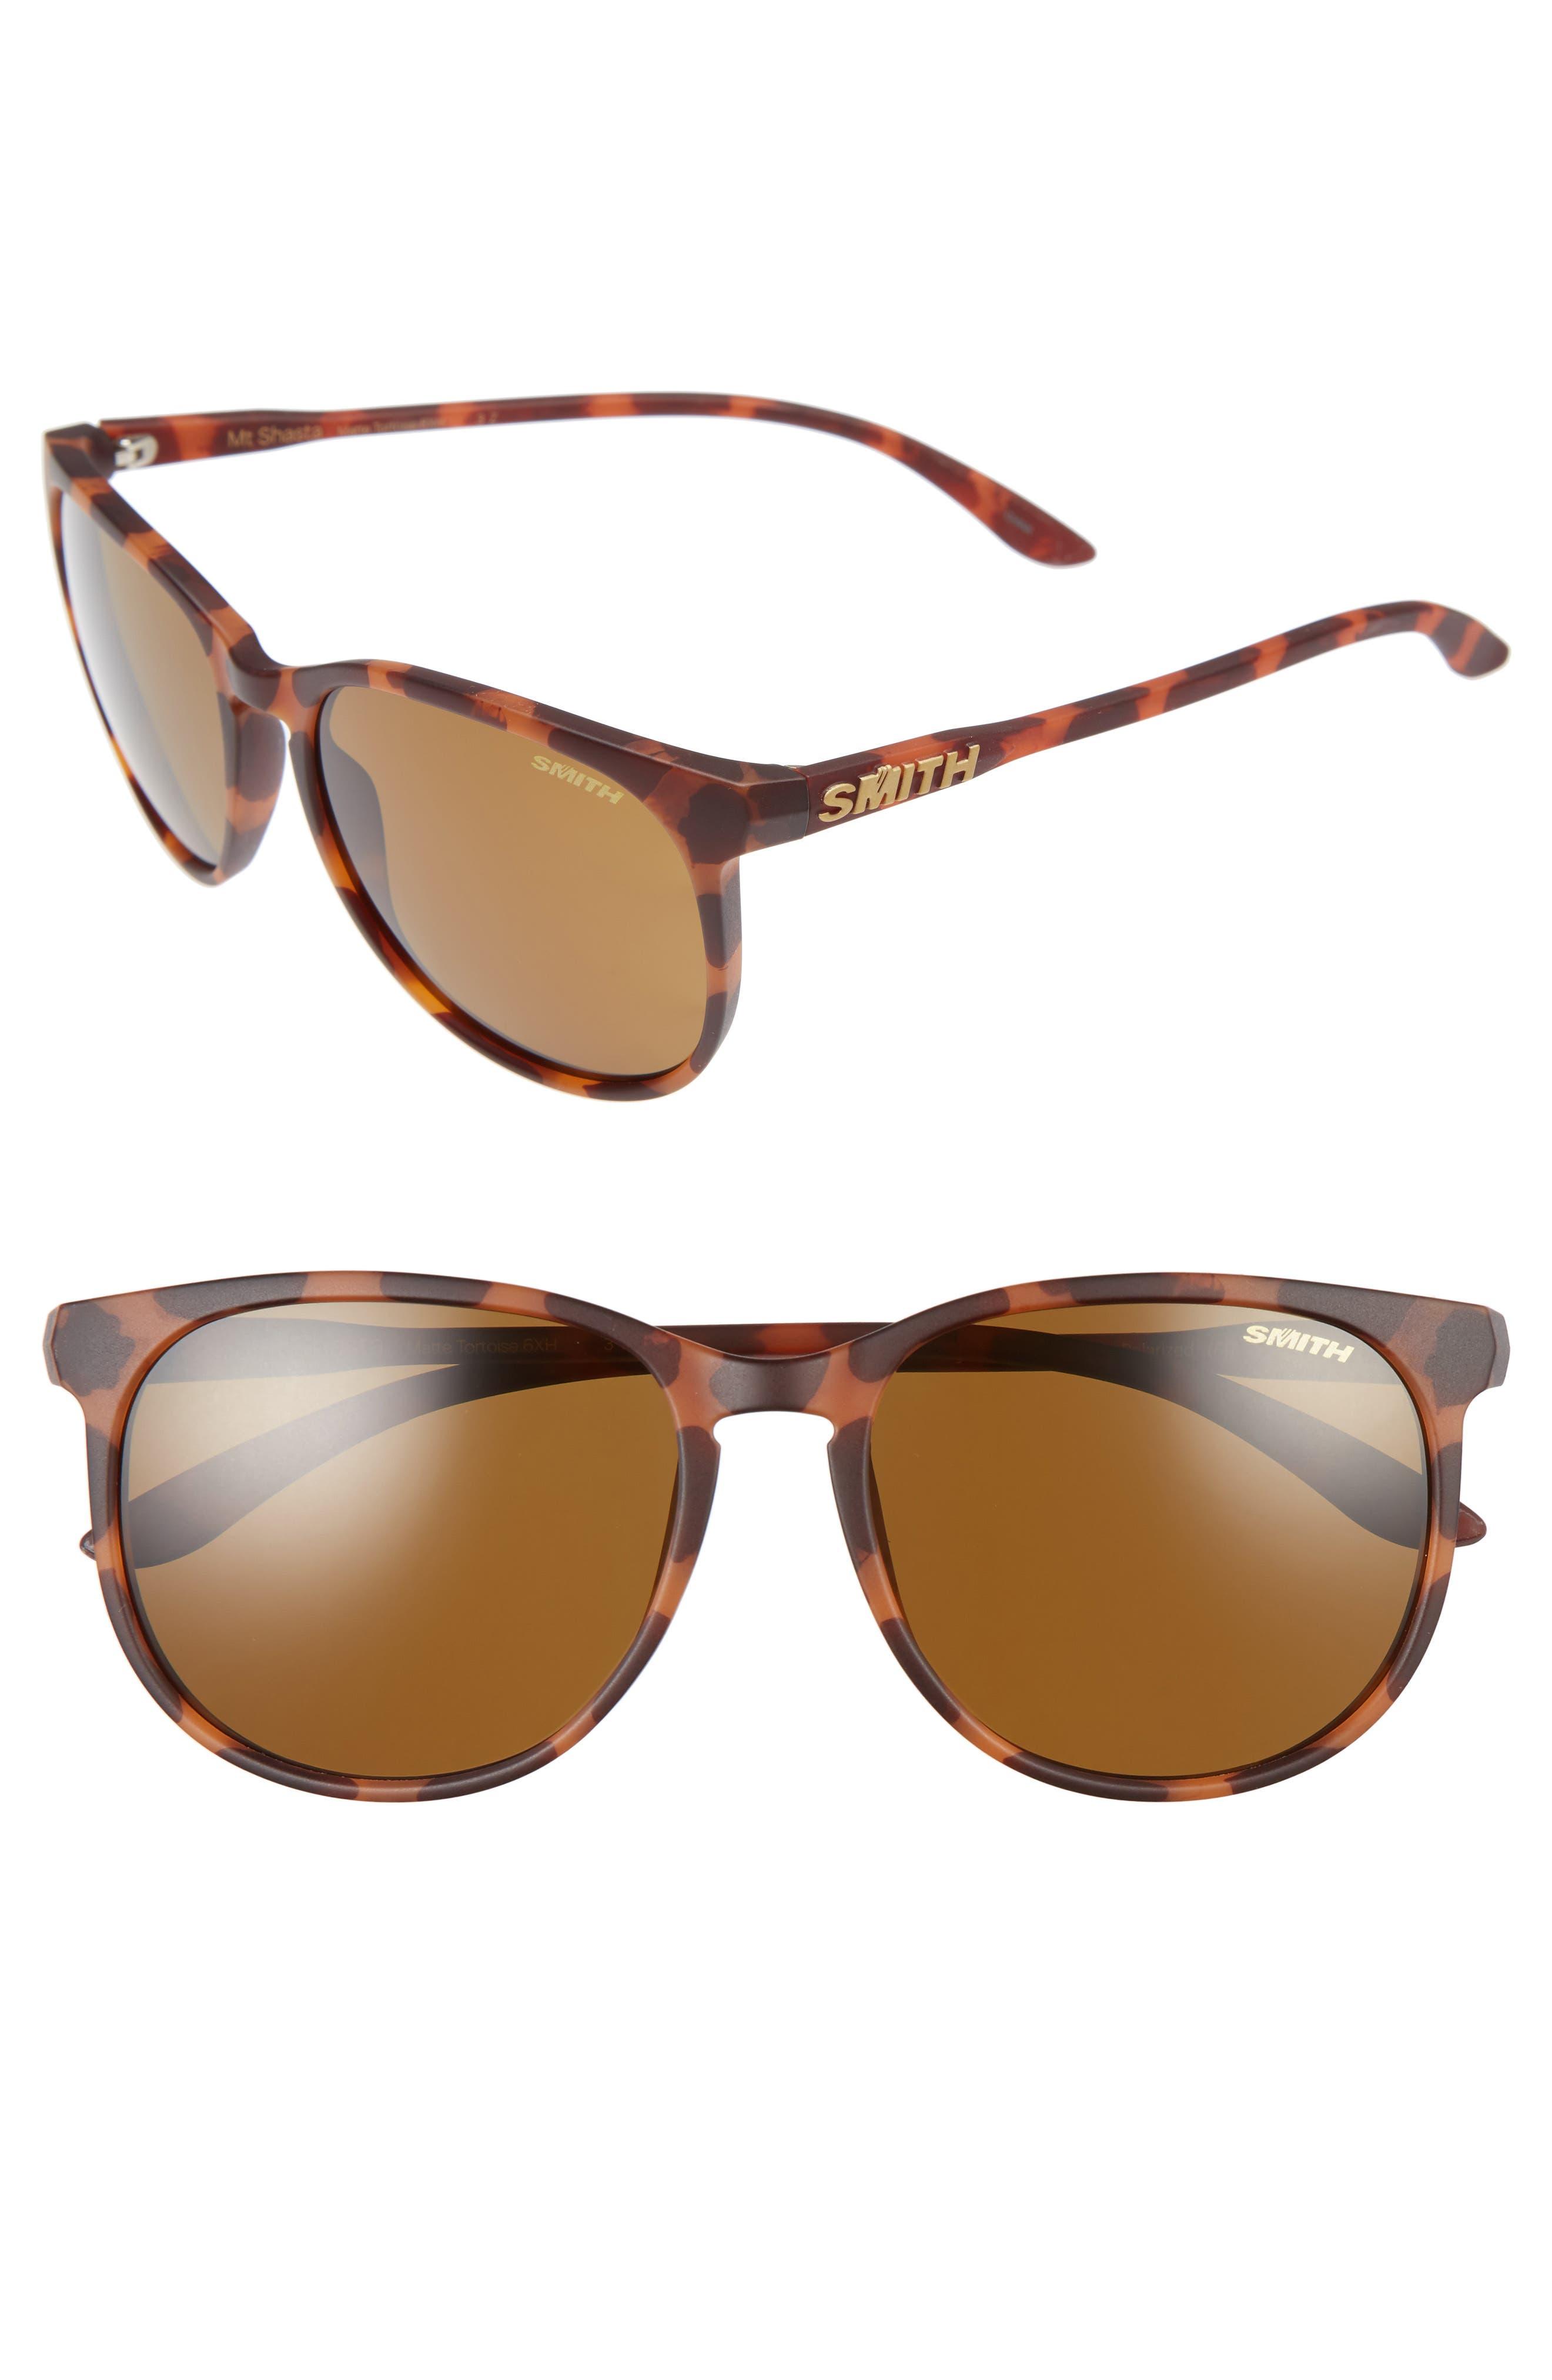 Smith Mt. Shasta 55mm Polarized Keyhole Sunglasses